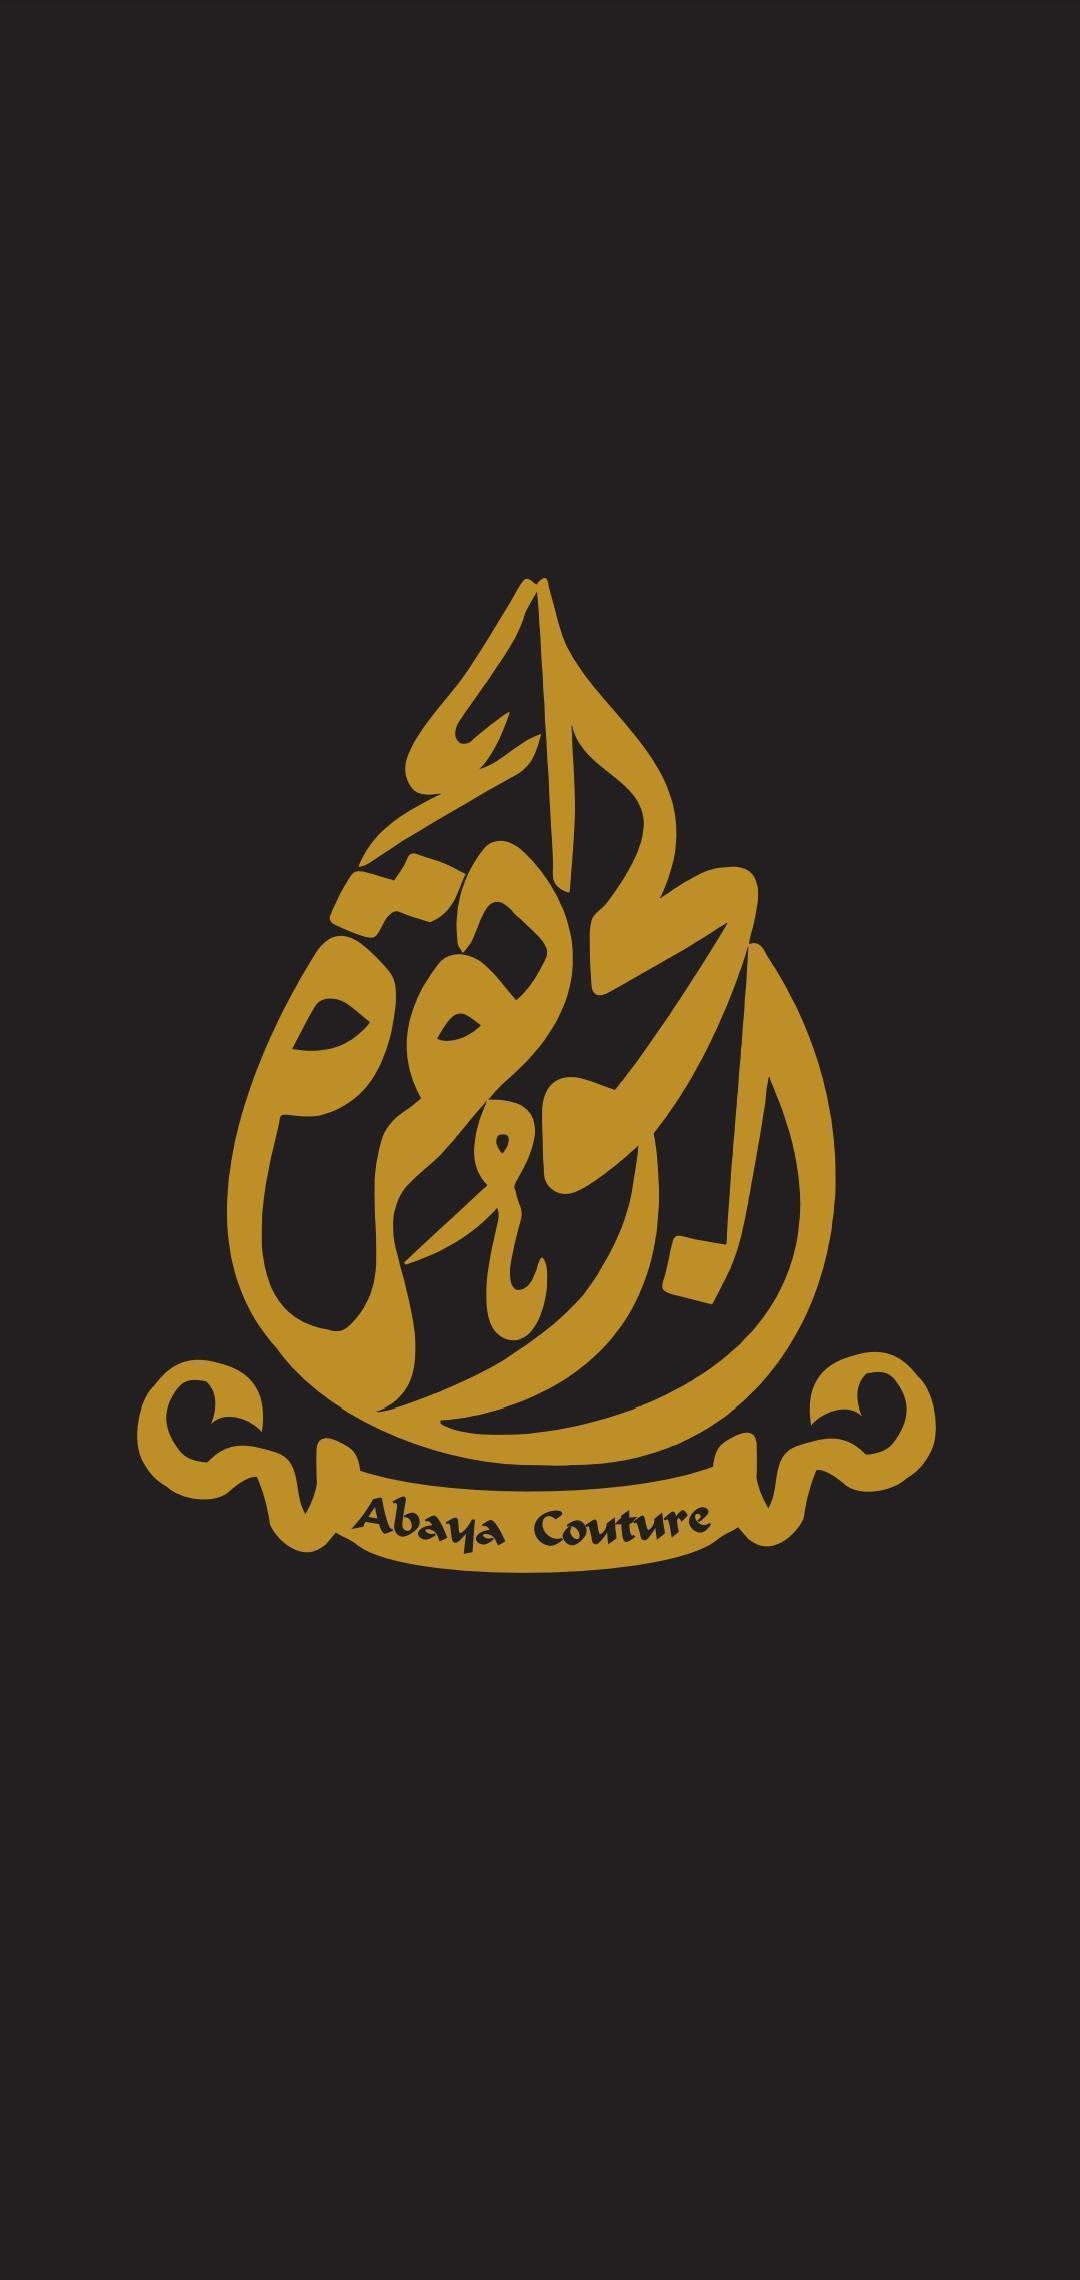 Aljawhara Couture